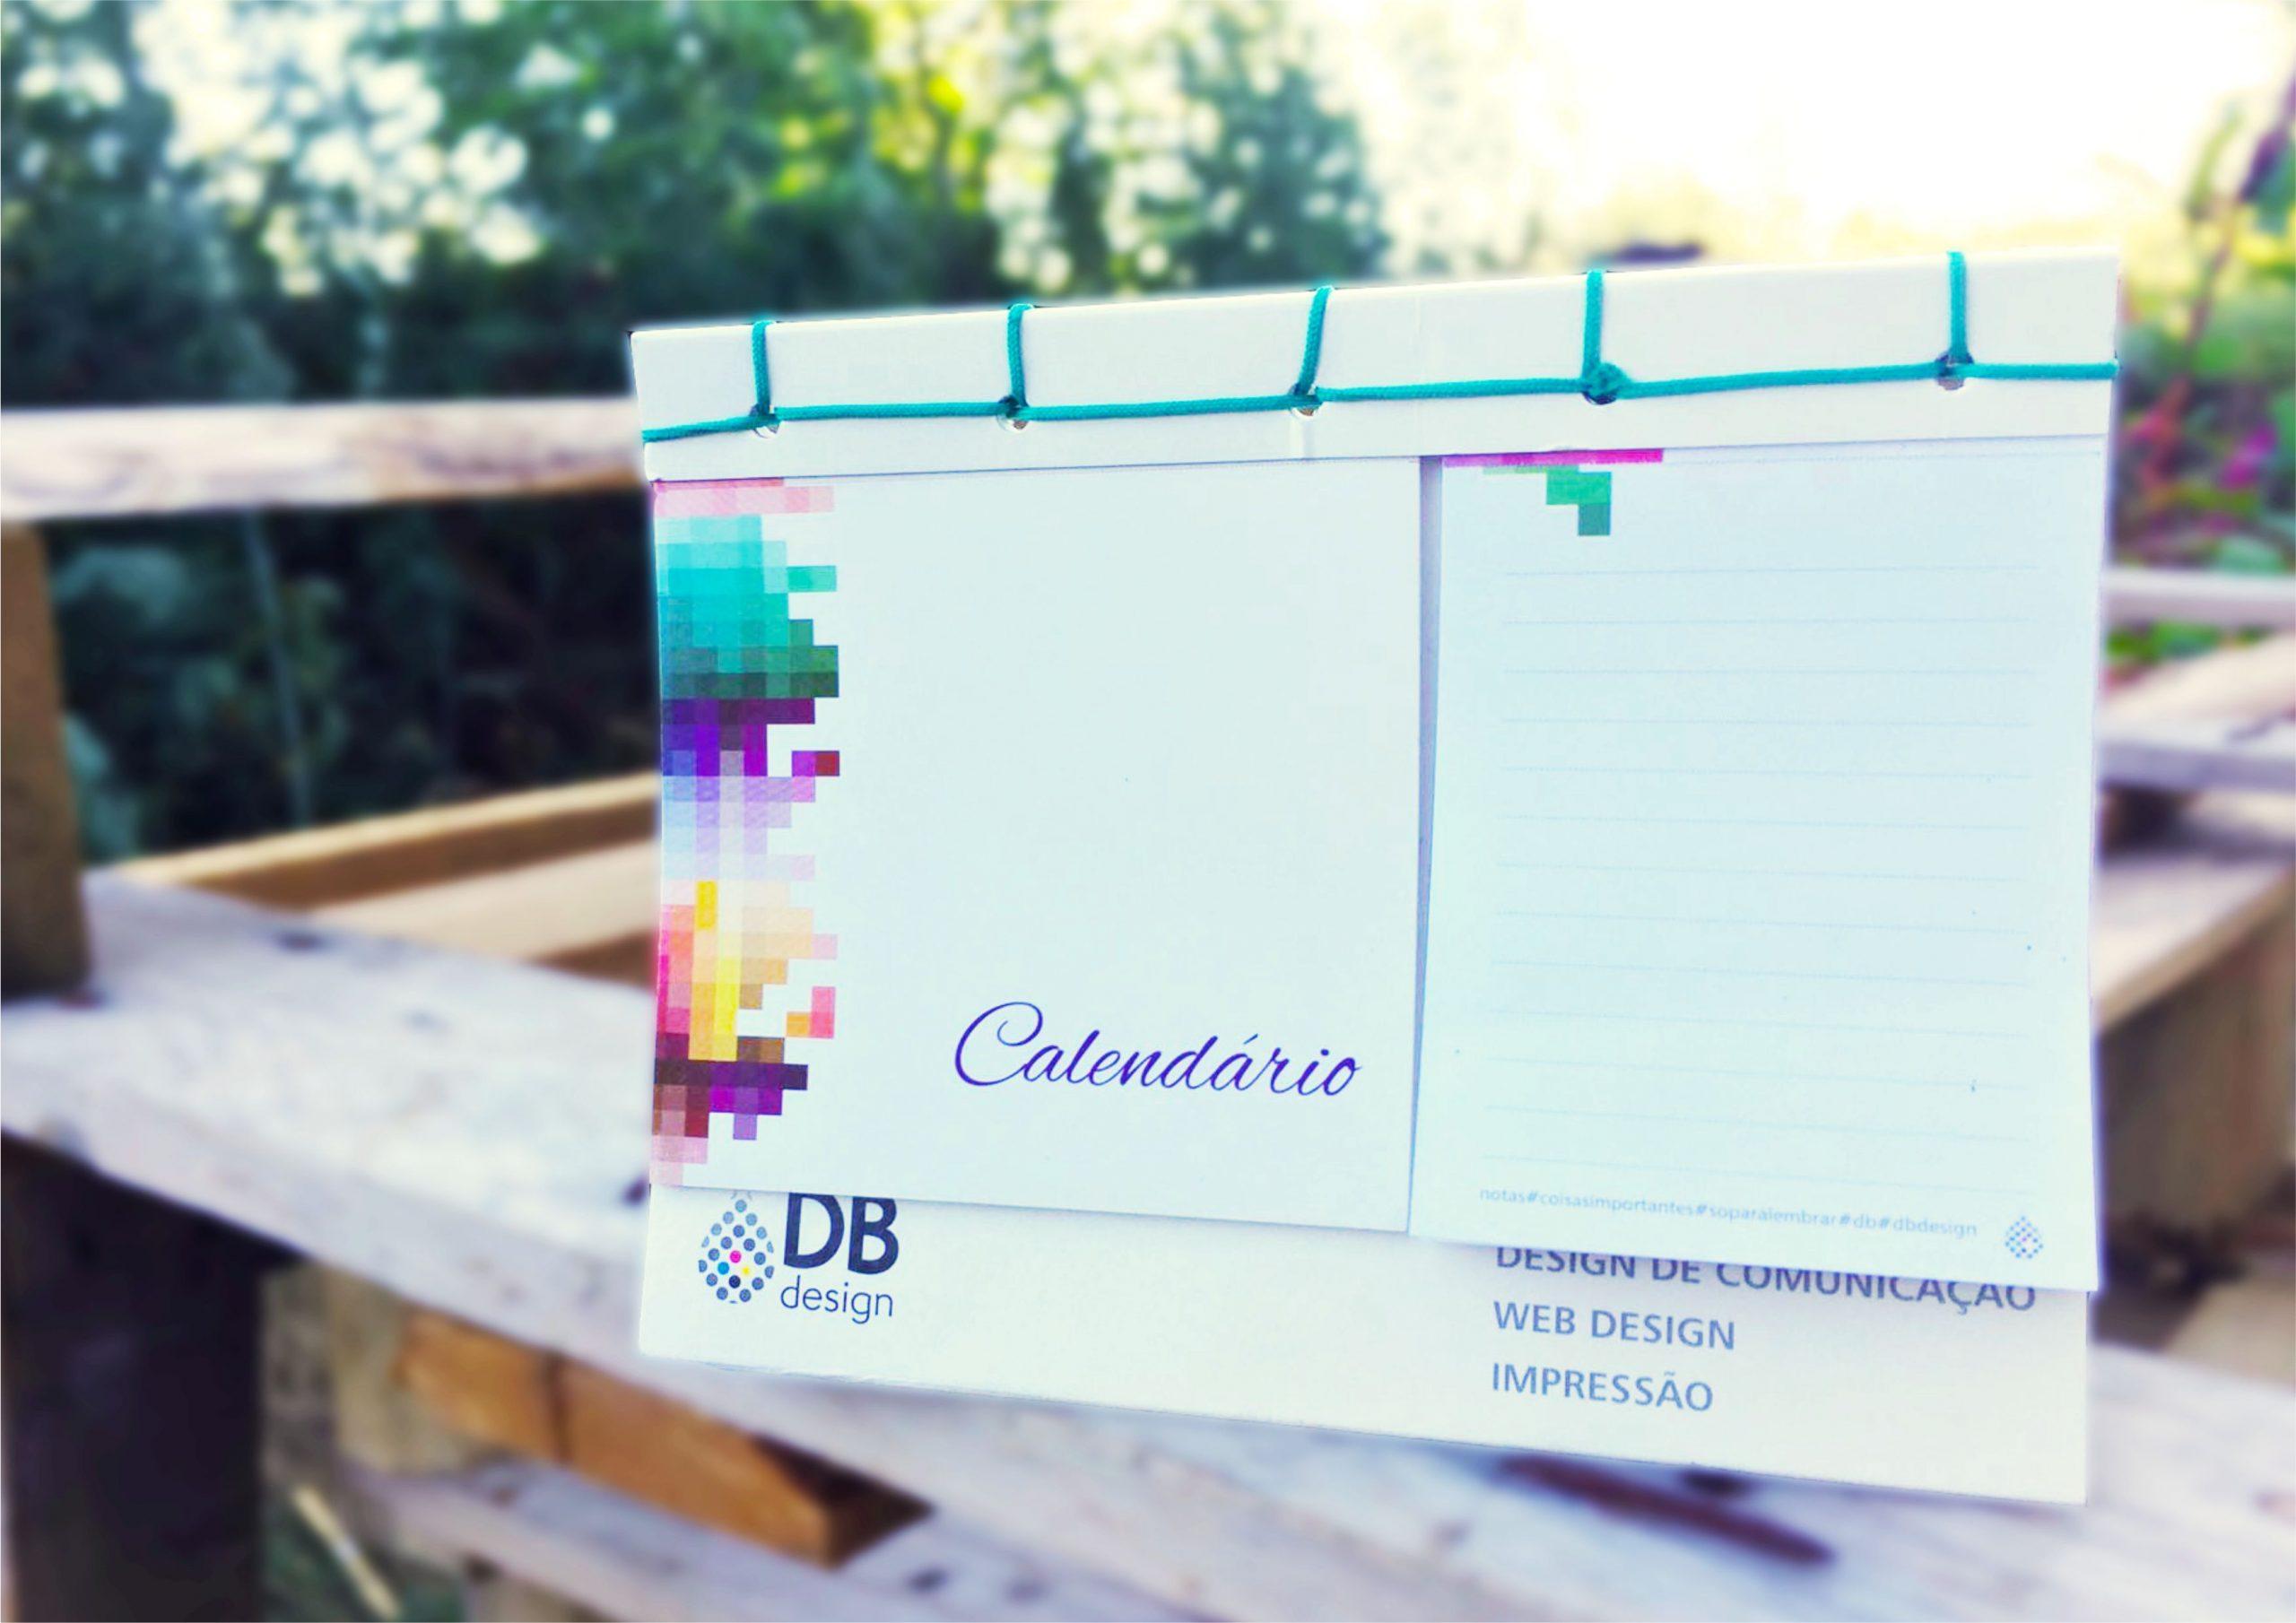 Cl 6 Calendário com costura japonesa + caixa transporte com calendário impresso para secretária